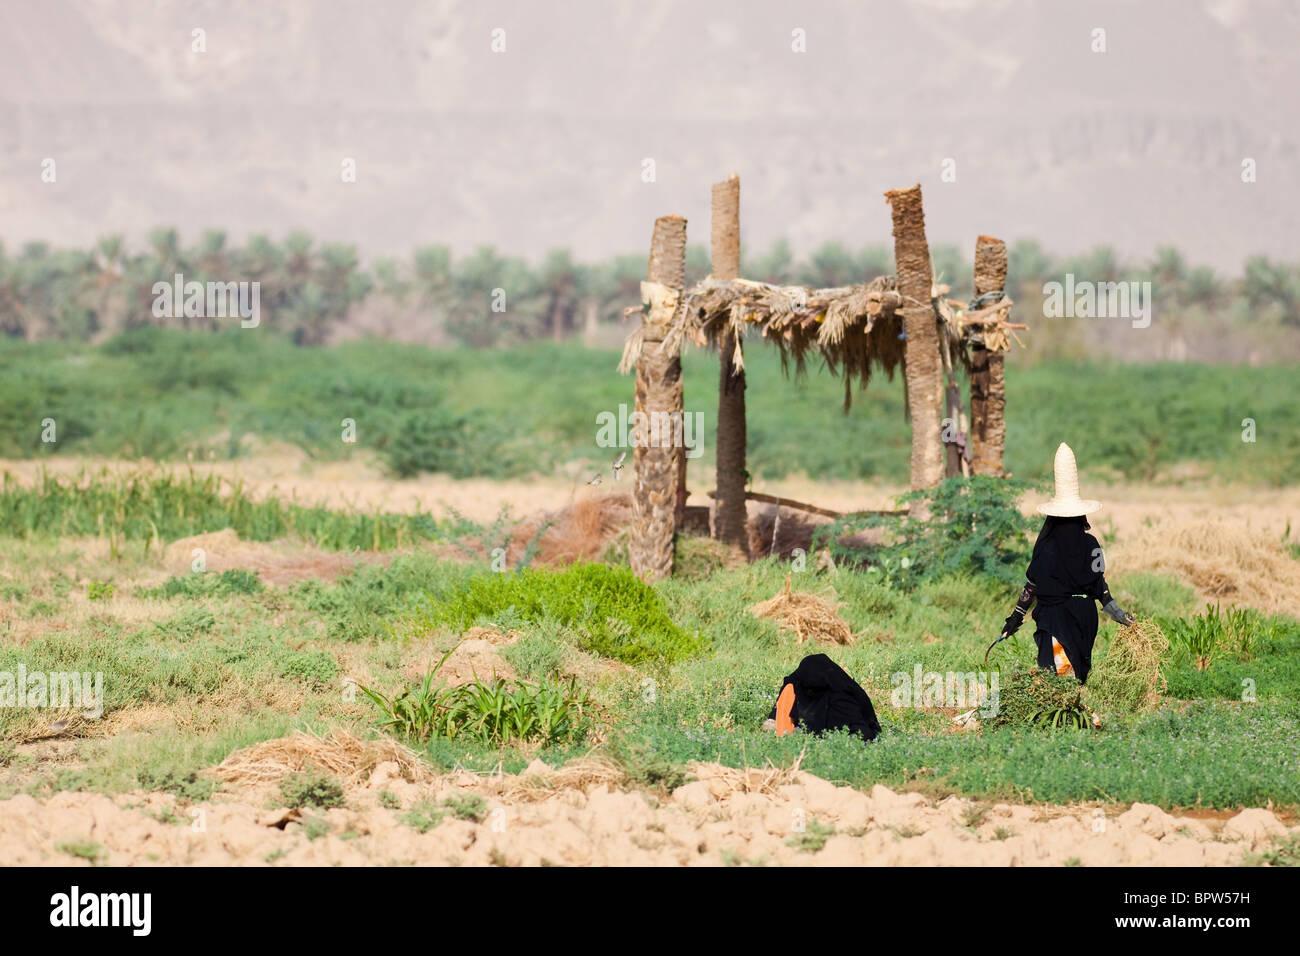 Veiled women working in fields, Hadamaut, Yemen - Stock Image